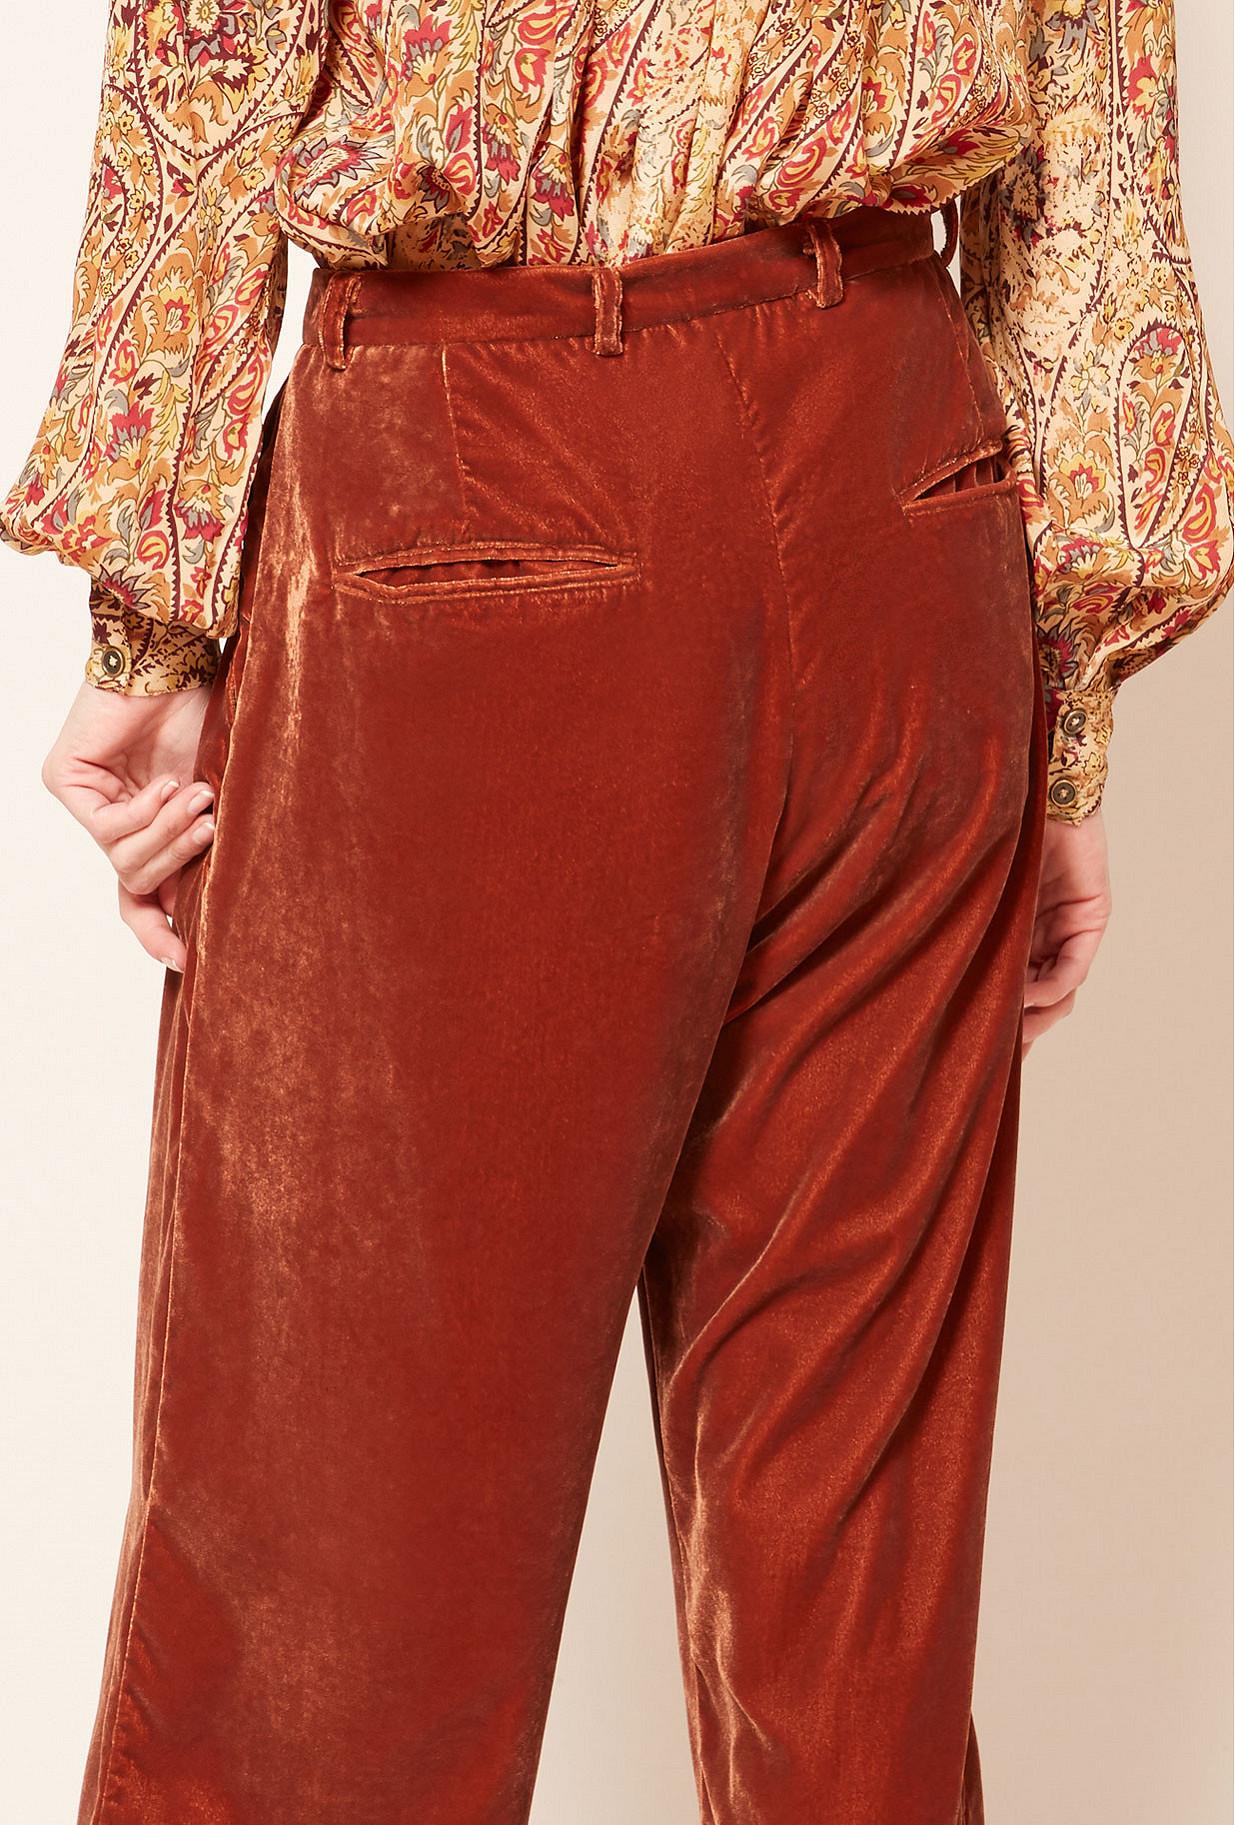 Paris boutique de mode vêtement Pantalon créateur bohème  Mansfield